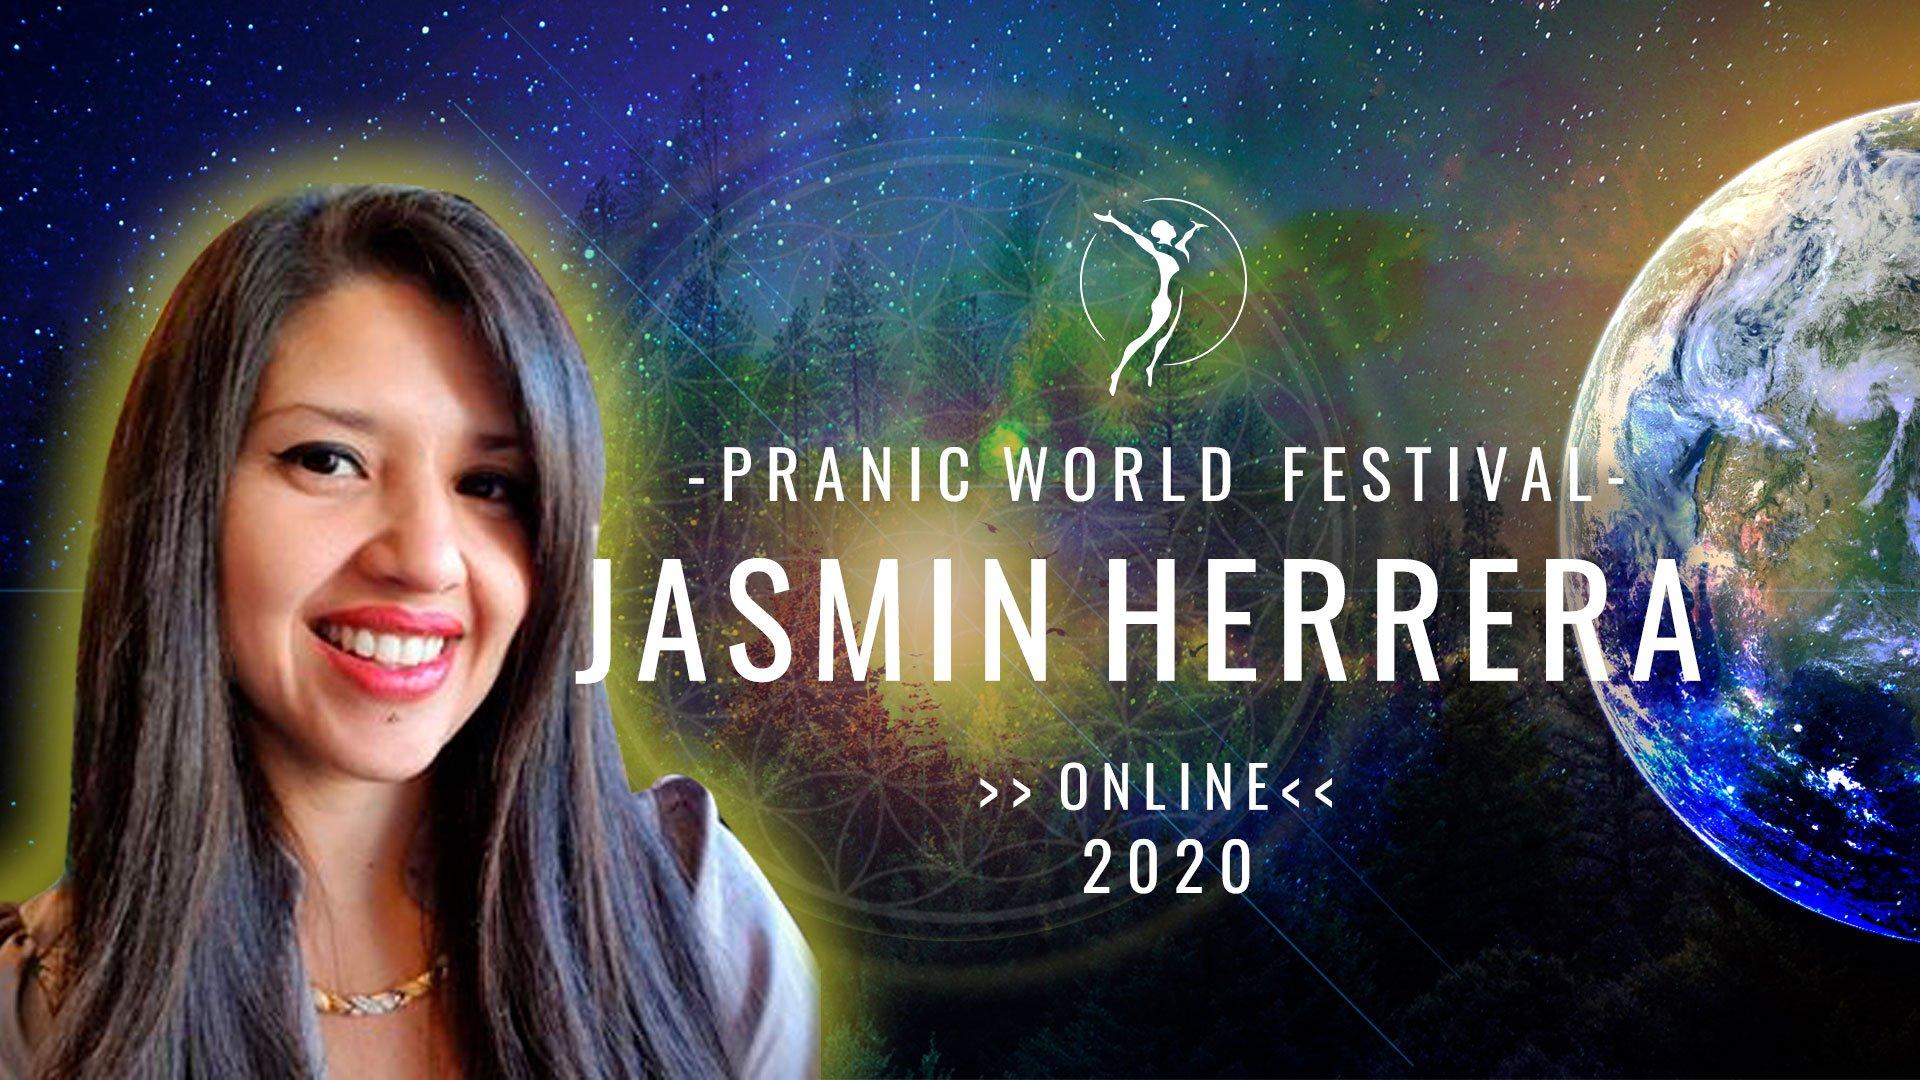 Jasmin Herrera